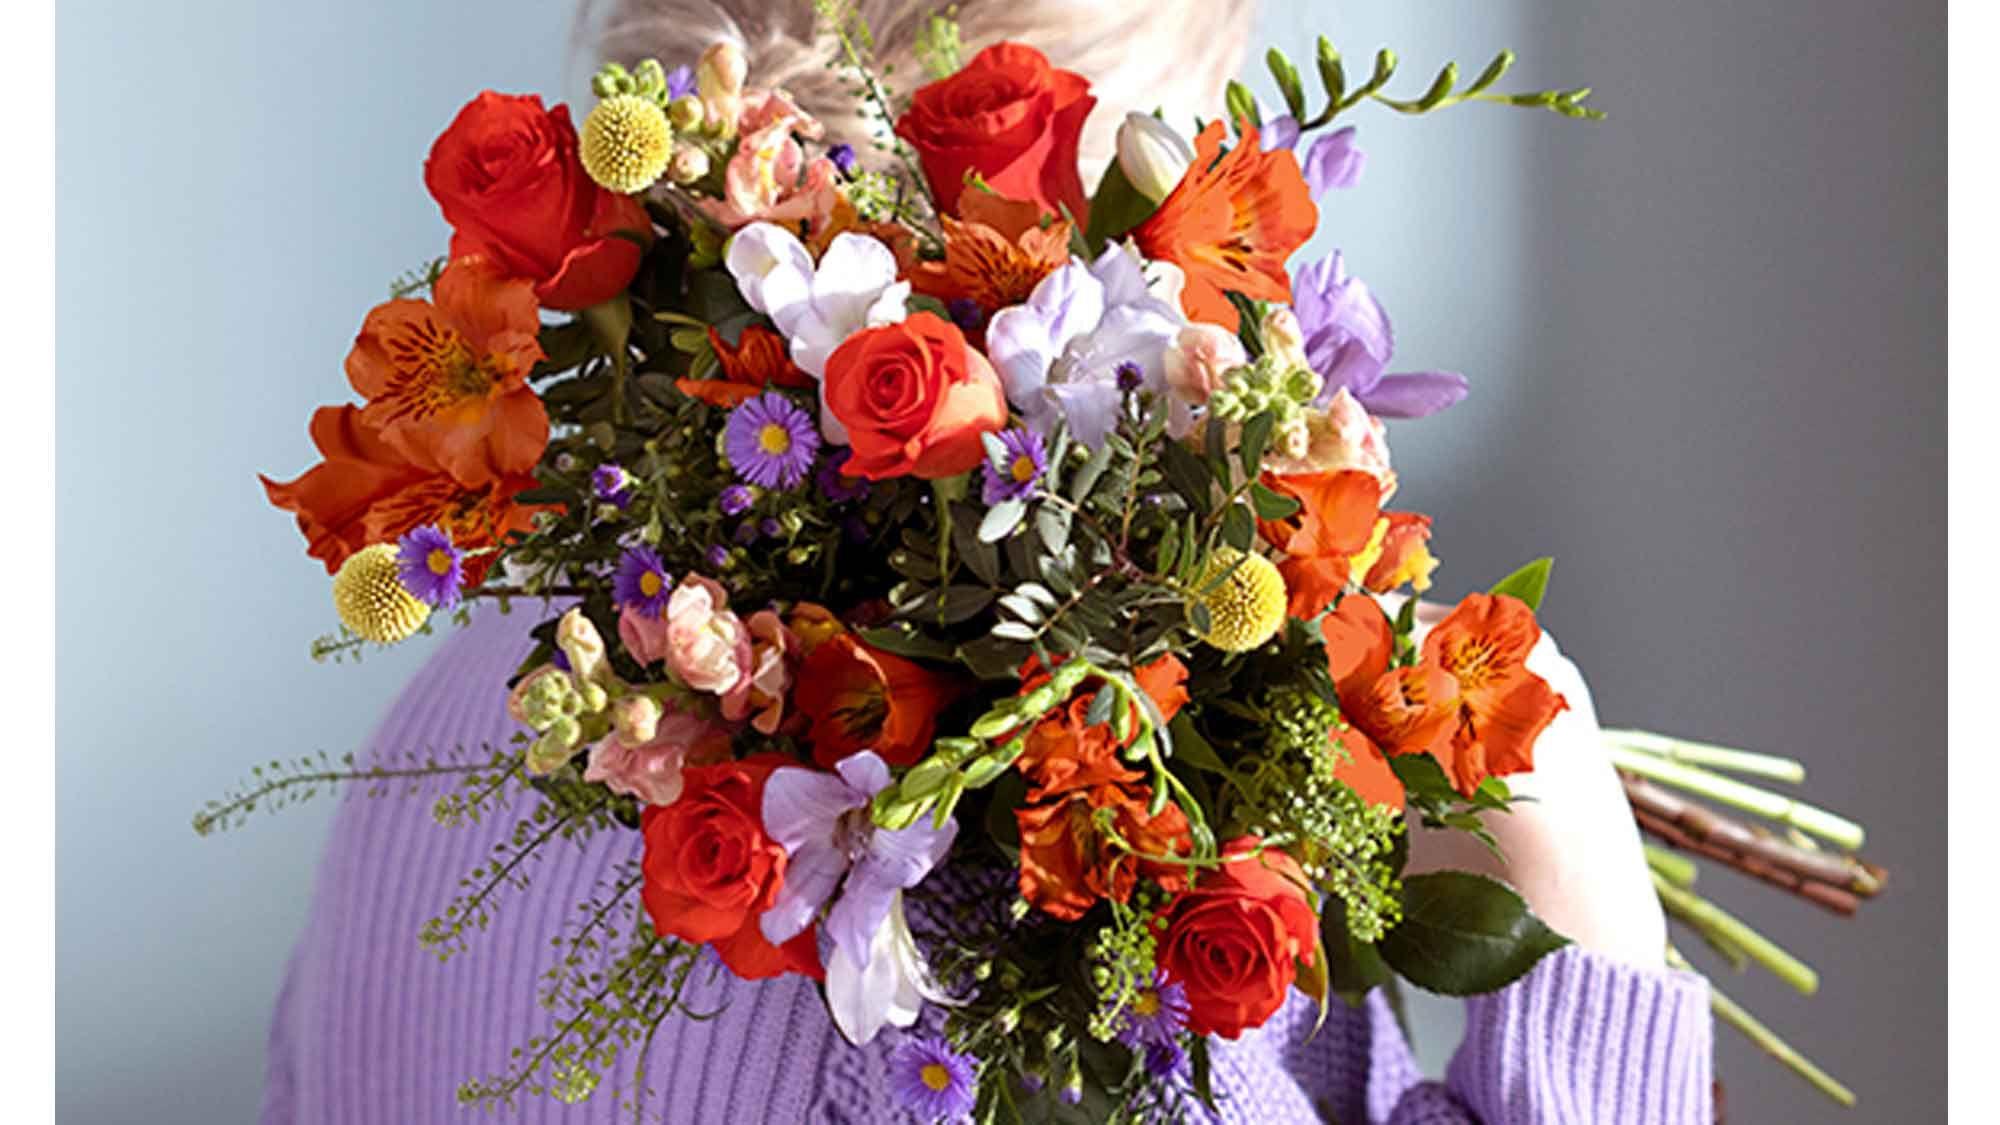 Bloom&Wild Strauß Abbildung.jpg